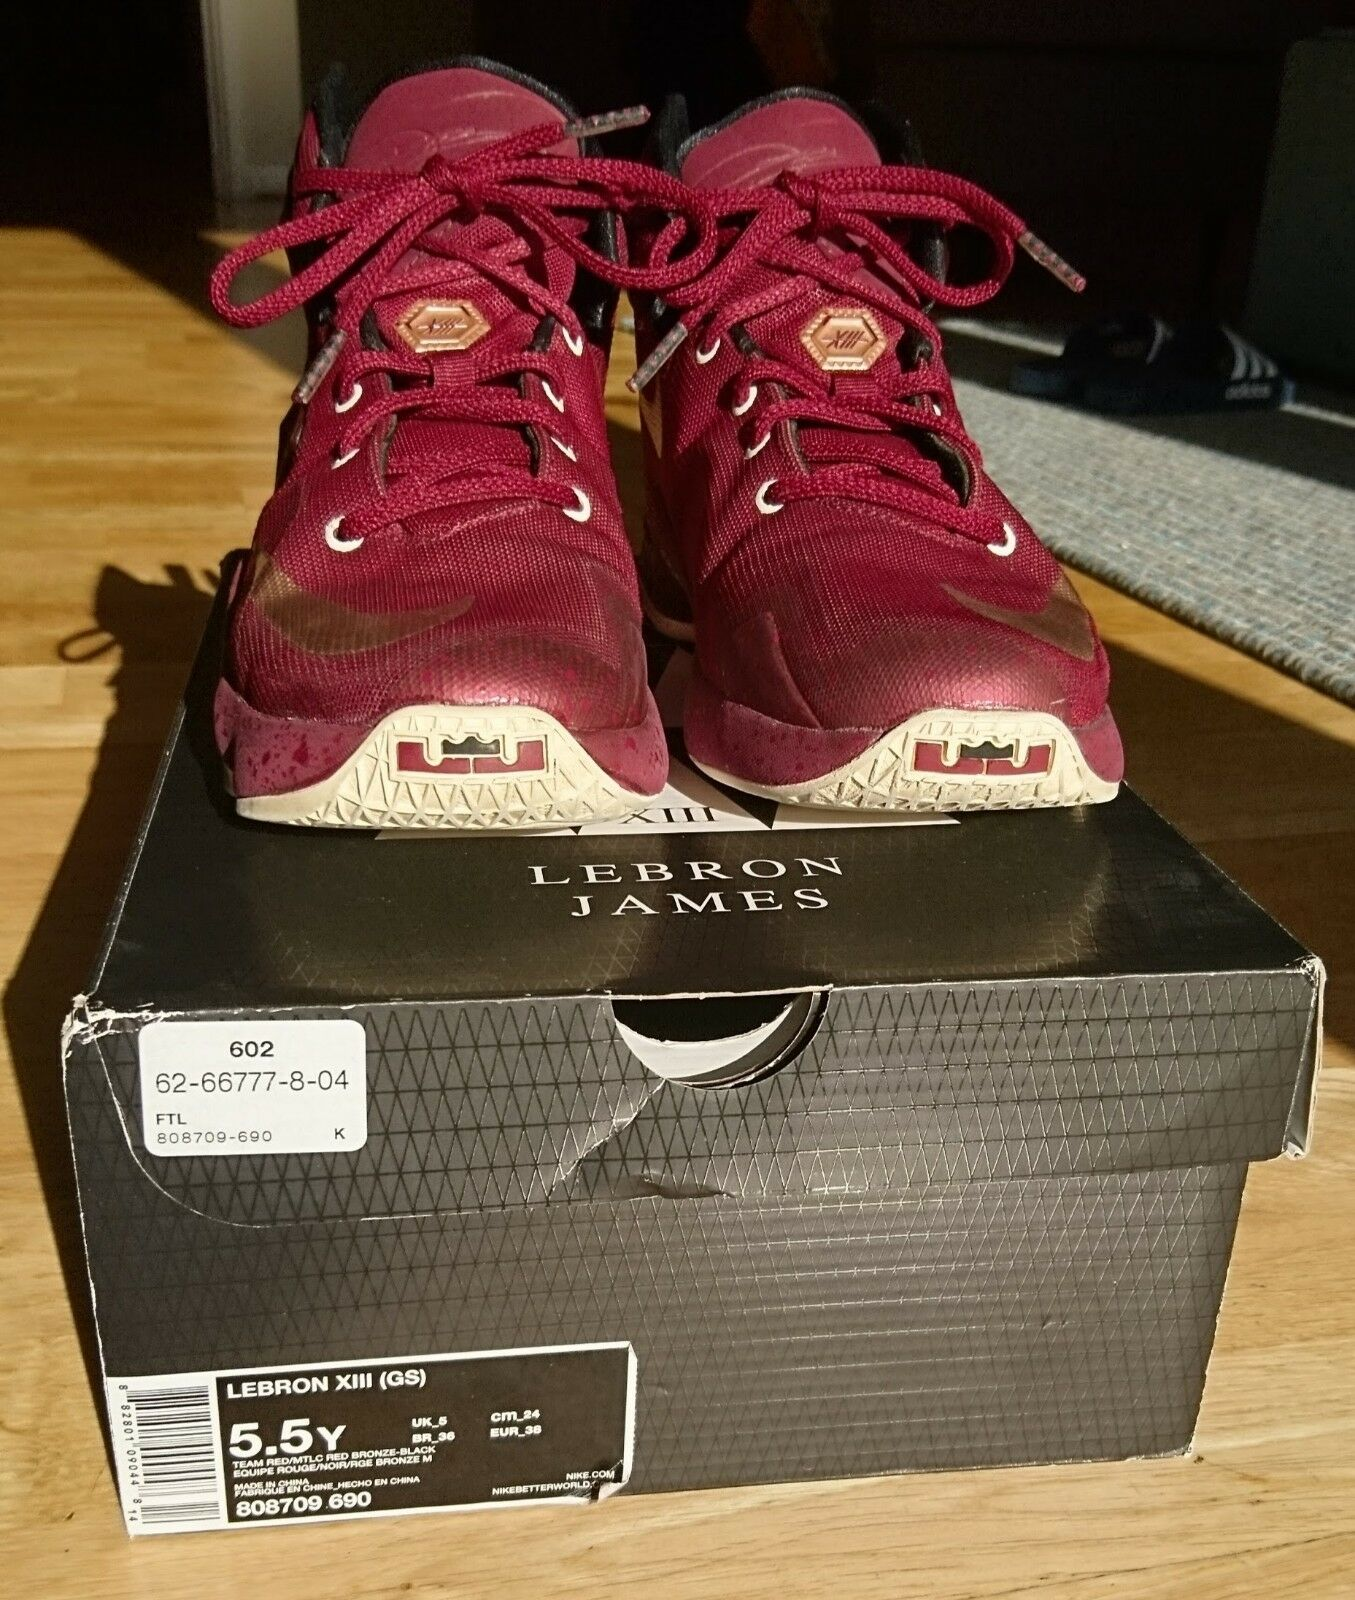 Lebron XIII jeugd basketbal schoenen metallic rood, brons wit (5.5 UK, 38 EU)